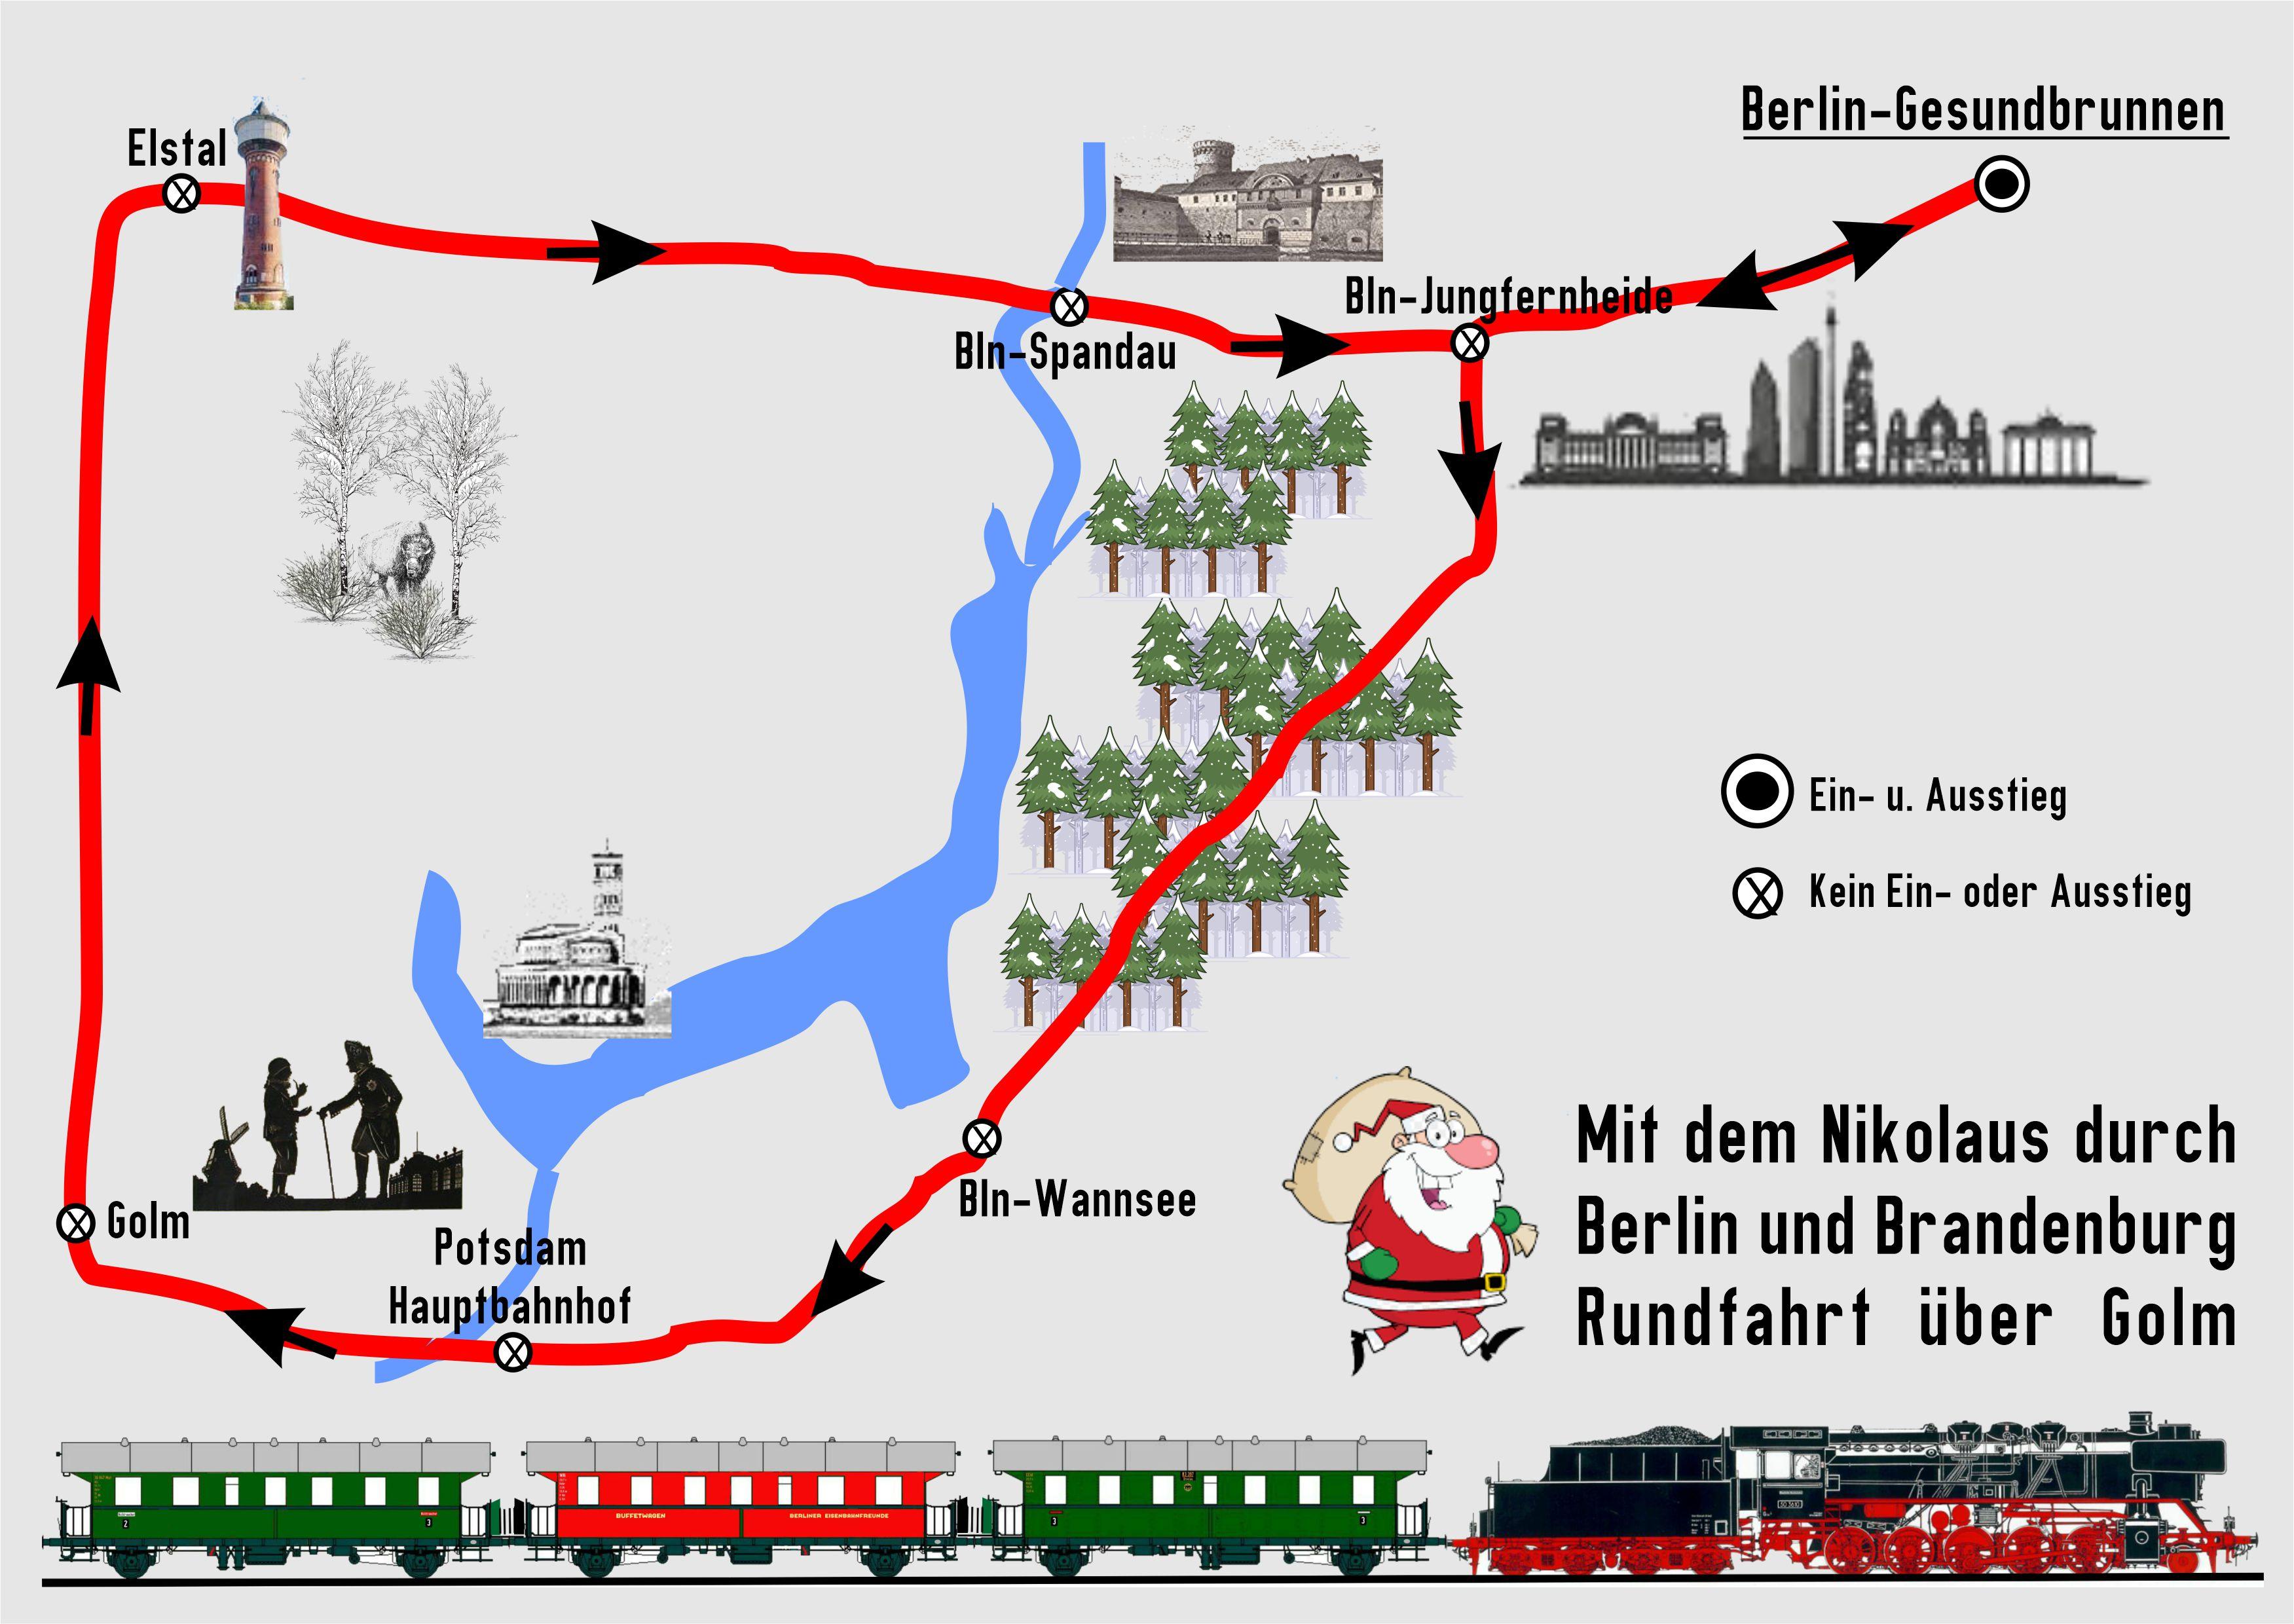 BEF Streckenkarte Adventsfahrten 2020 über Potsdam und westl. Aussenring